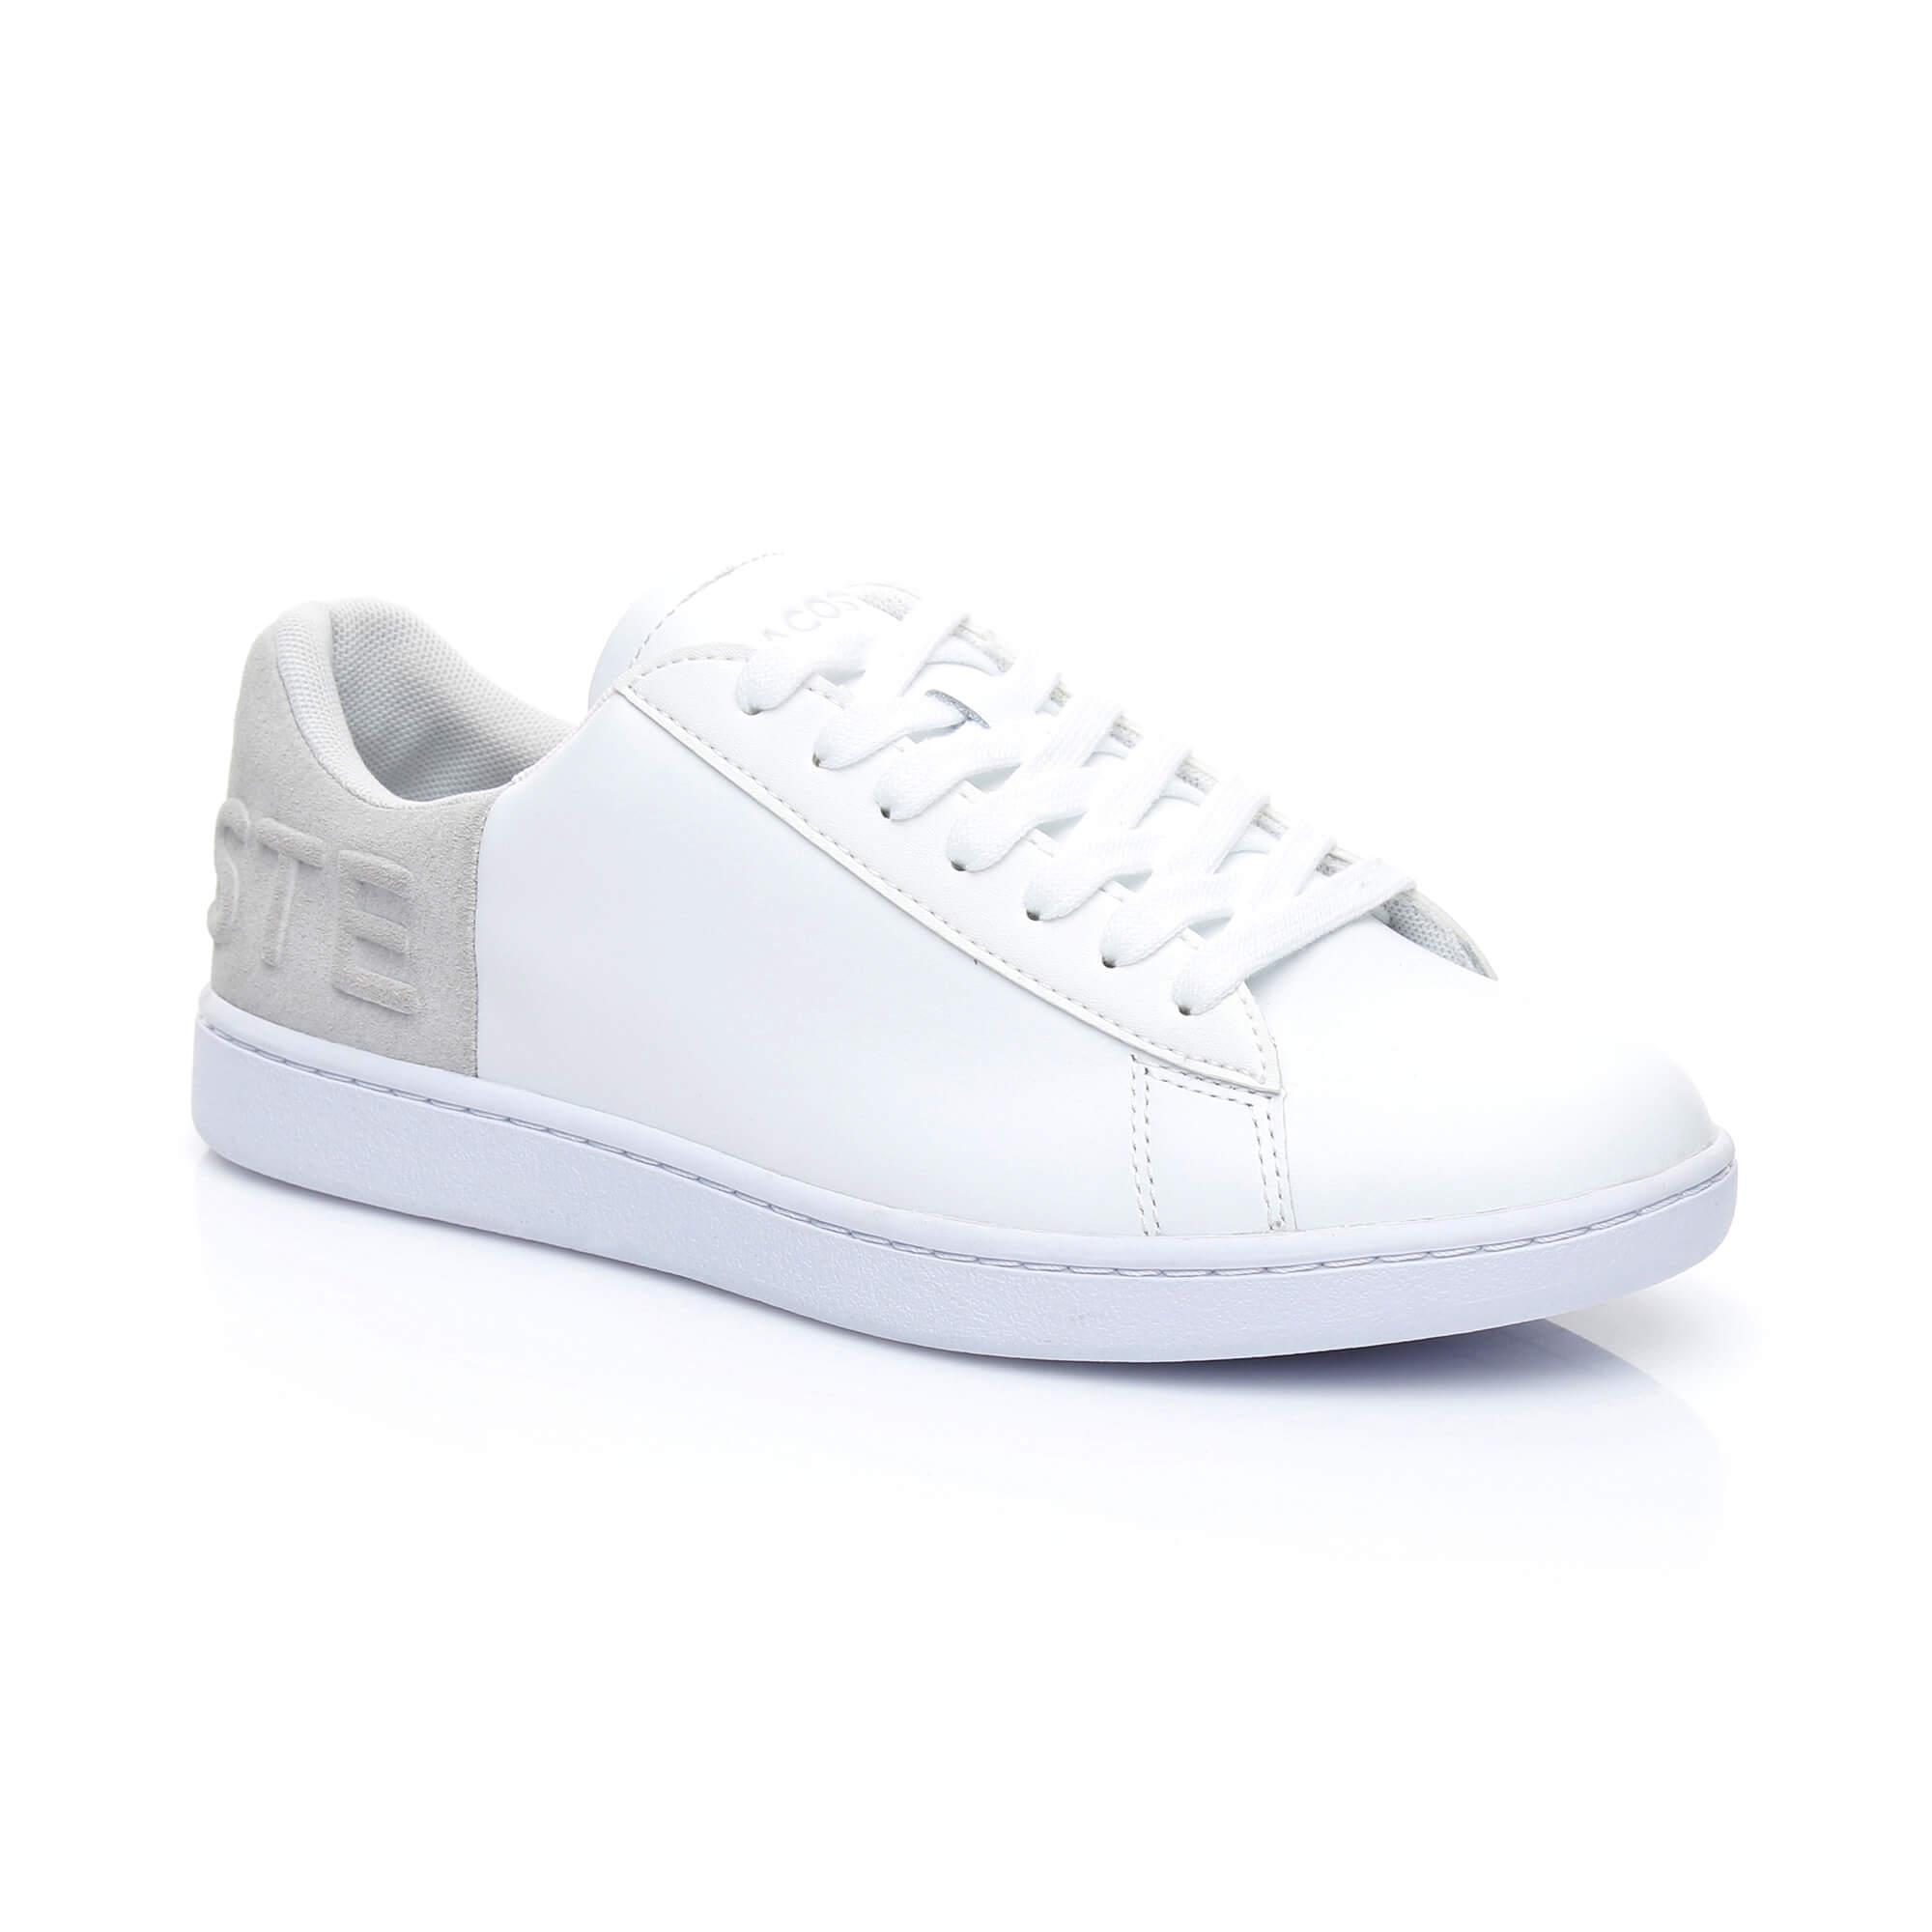 Lacoste Kadın Carnaby Evo 318 3 Beyaz Sneaker